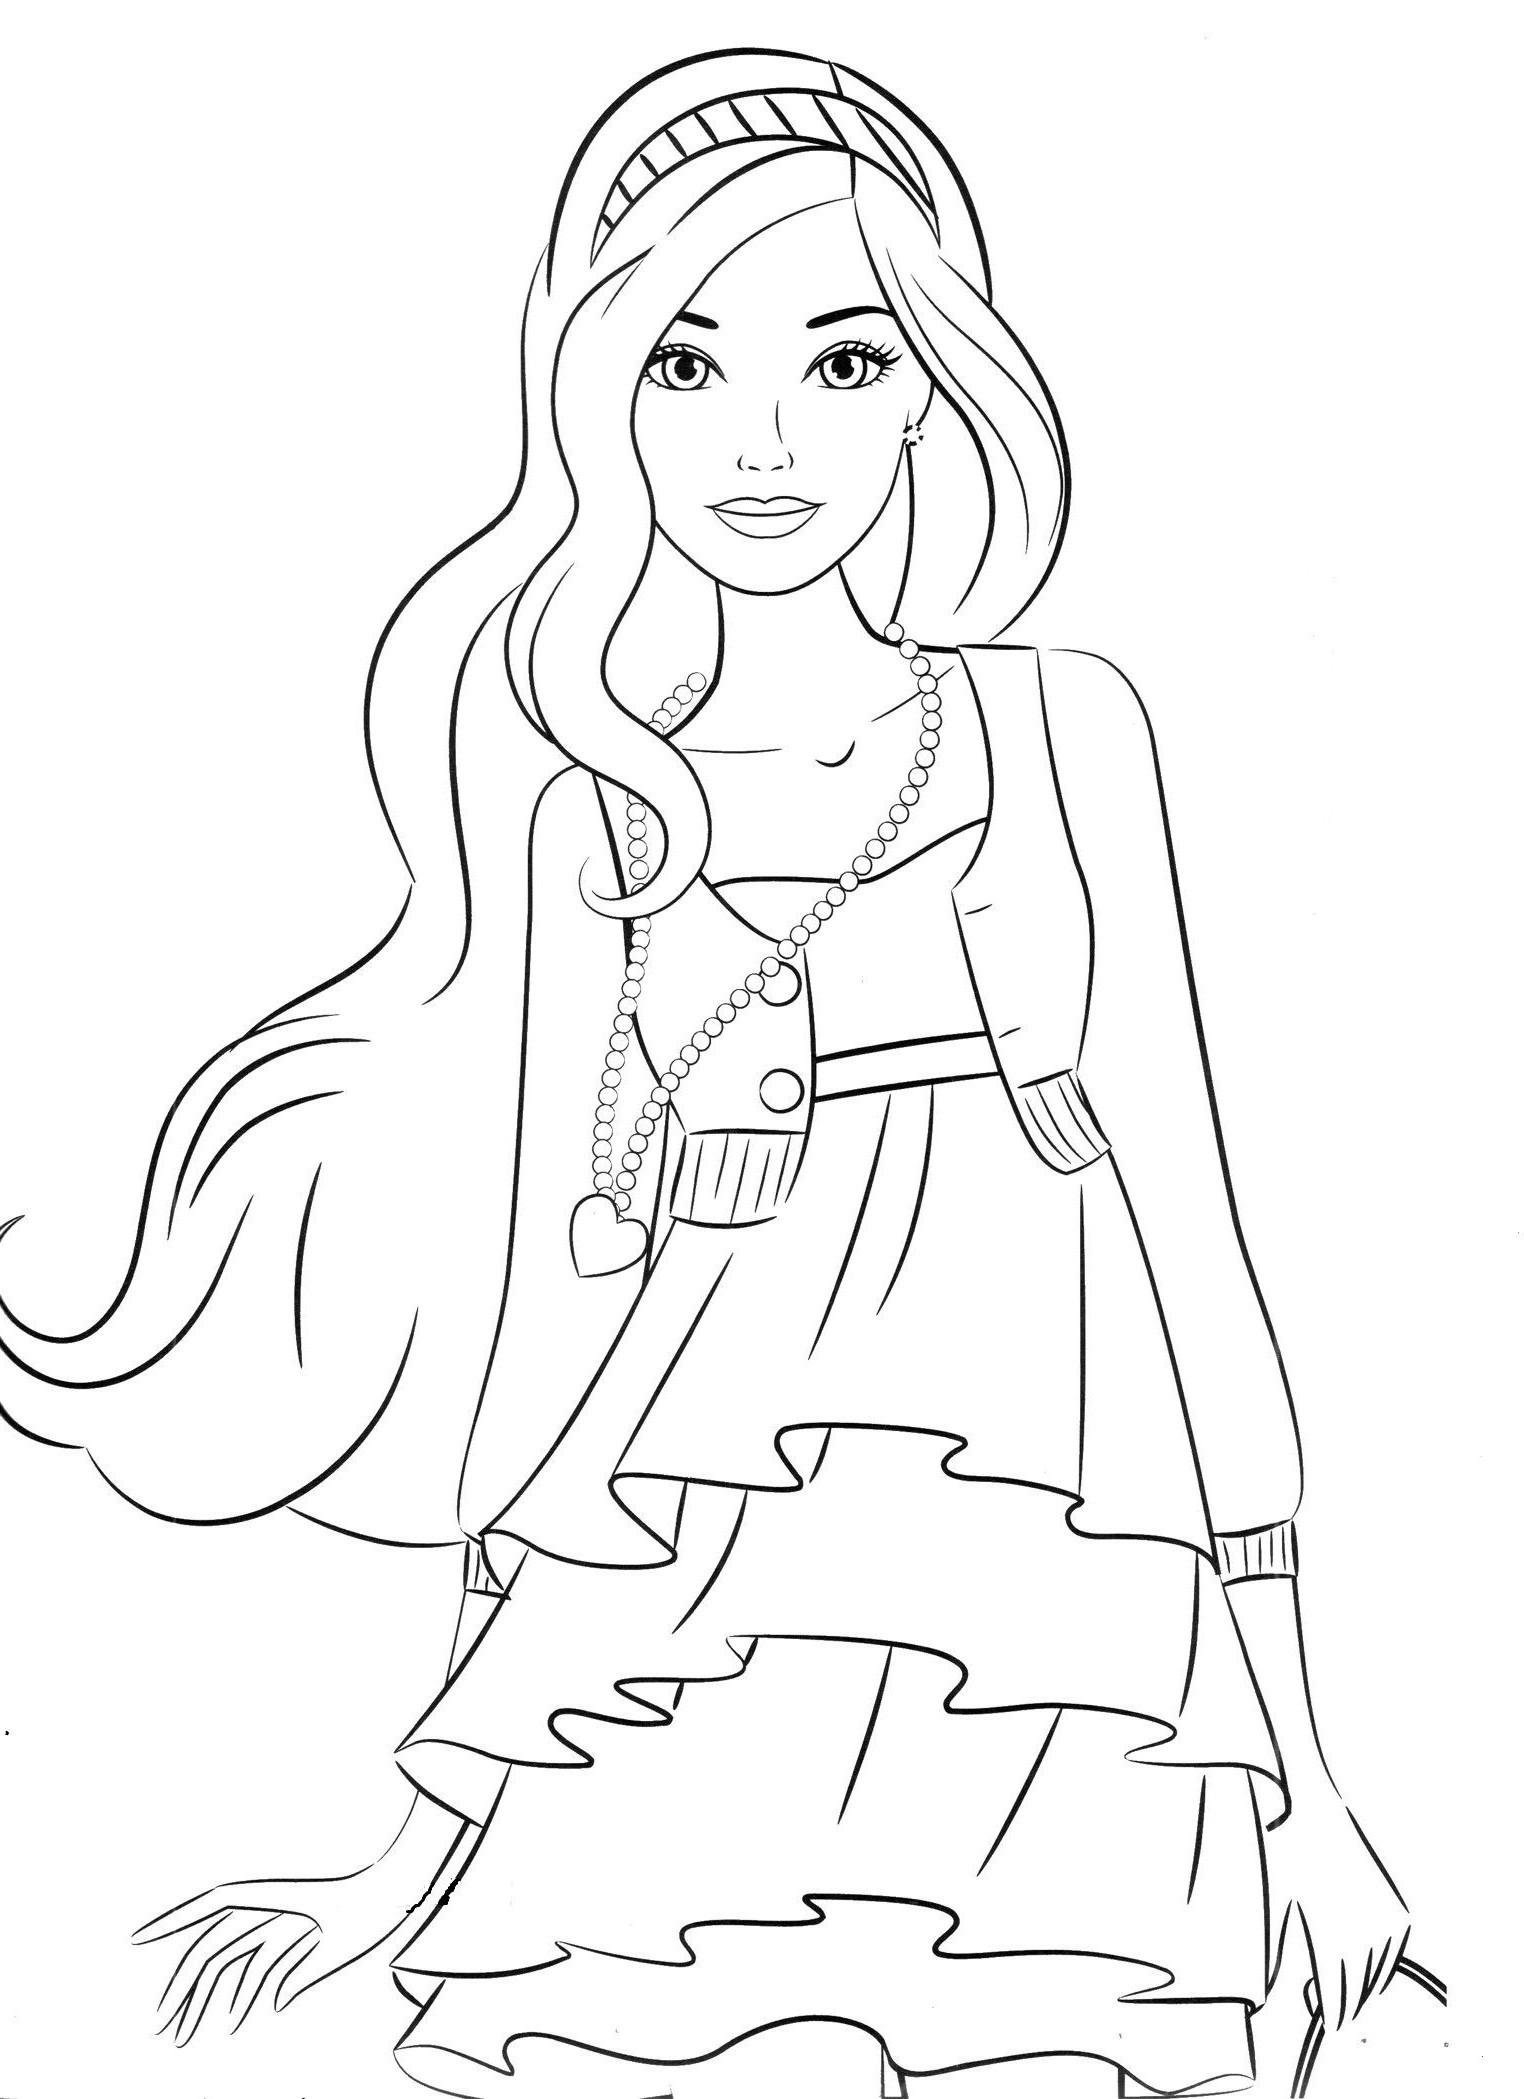 Ausmalbilder Barbie Prinzessin Frisch 35 Lecker Ausmalbild Barbie – Malvorlagen Ideen Sammlung